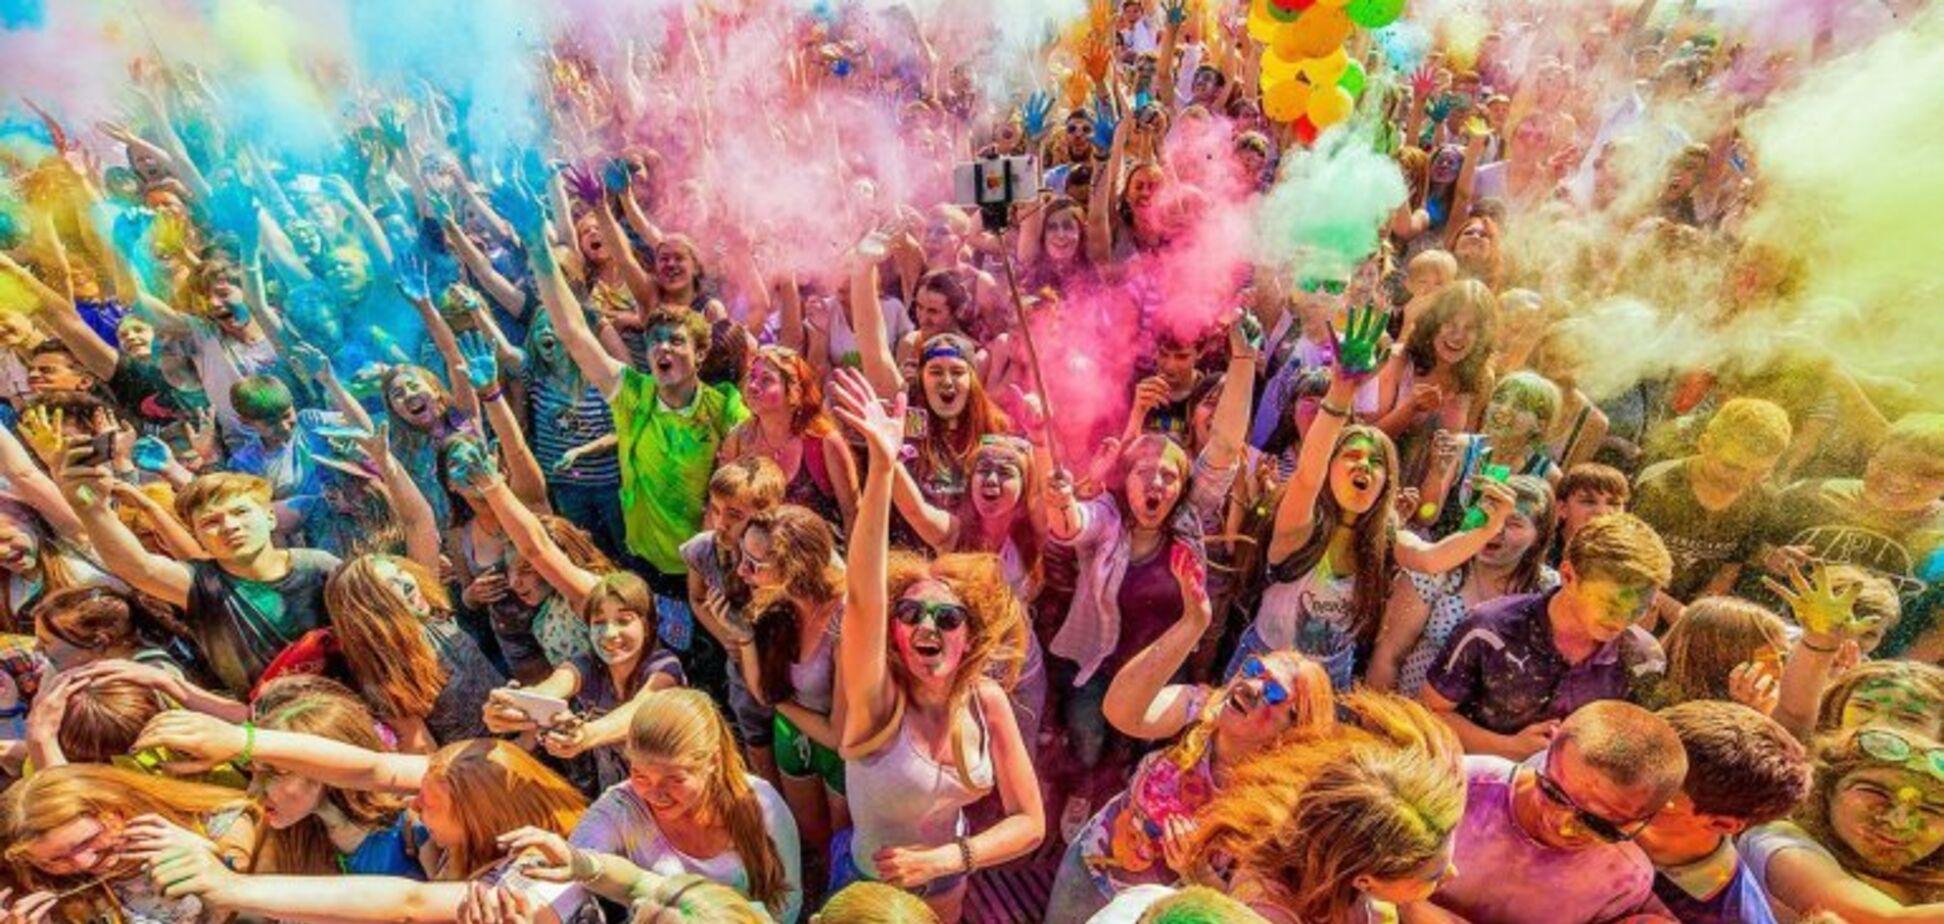 Битва фарбами та зірковий концерт: у Дніпрі підготували цікаву програму до Дня молоді